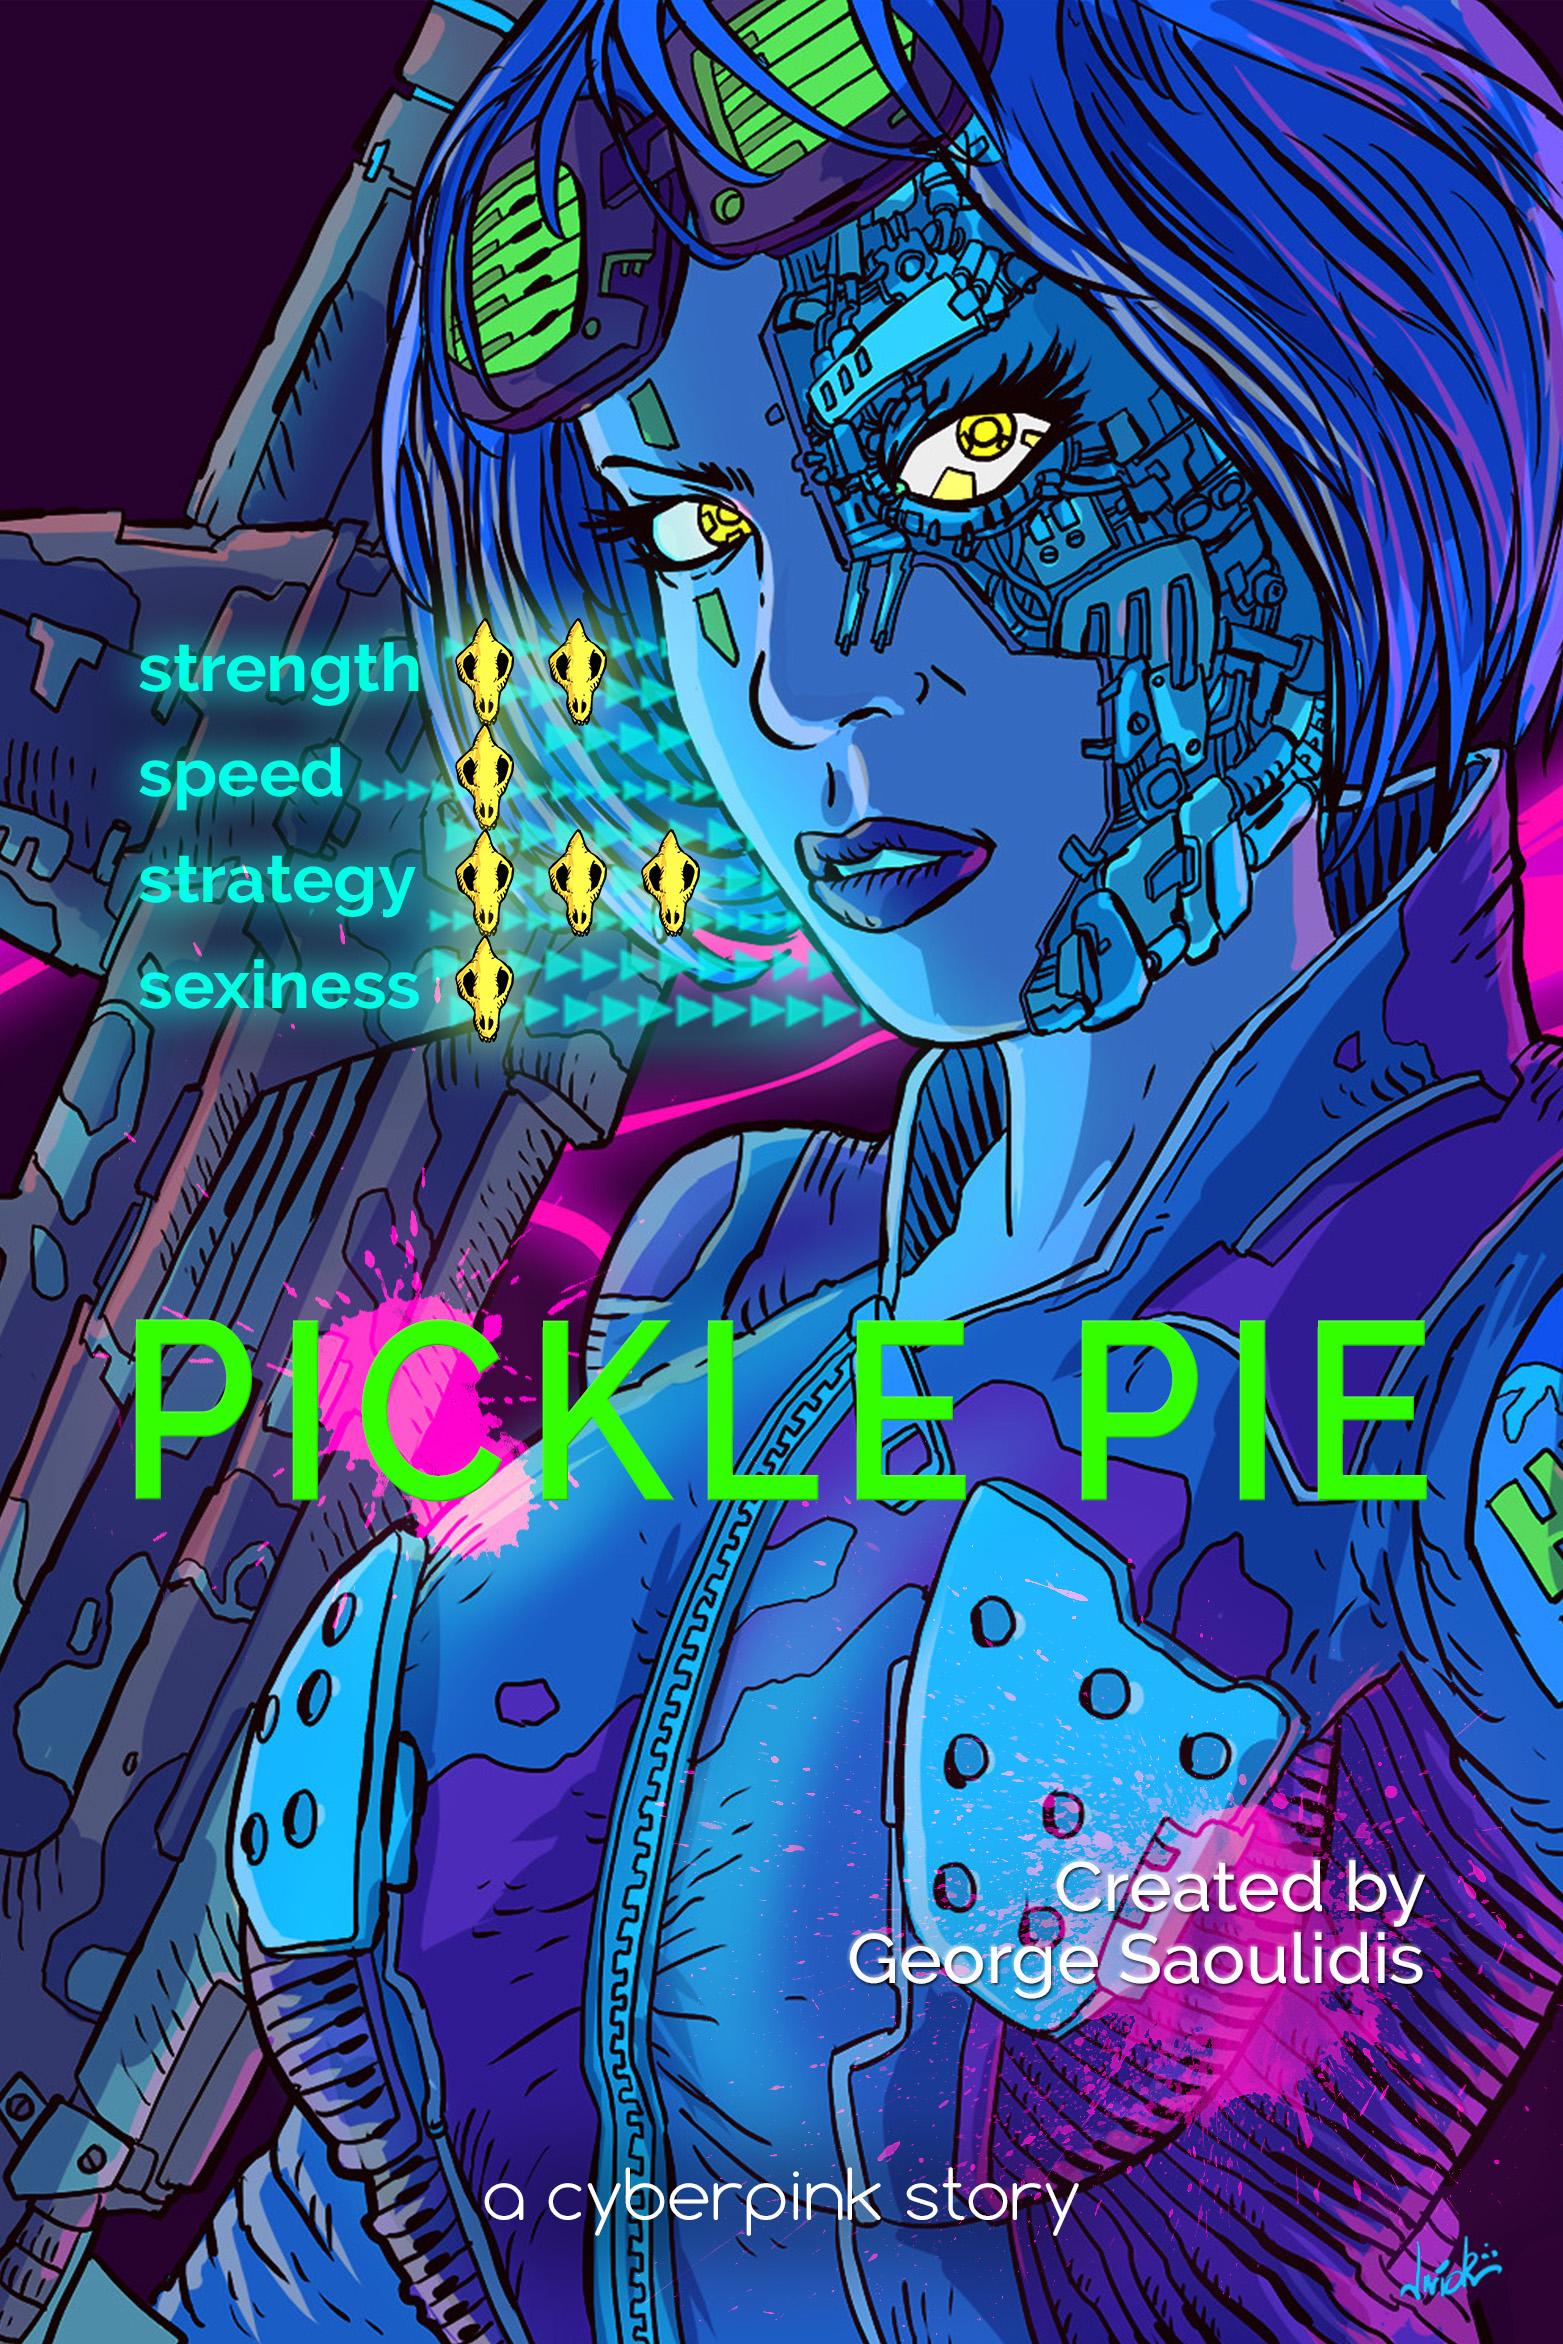 Pickle pie